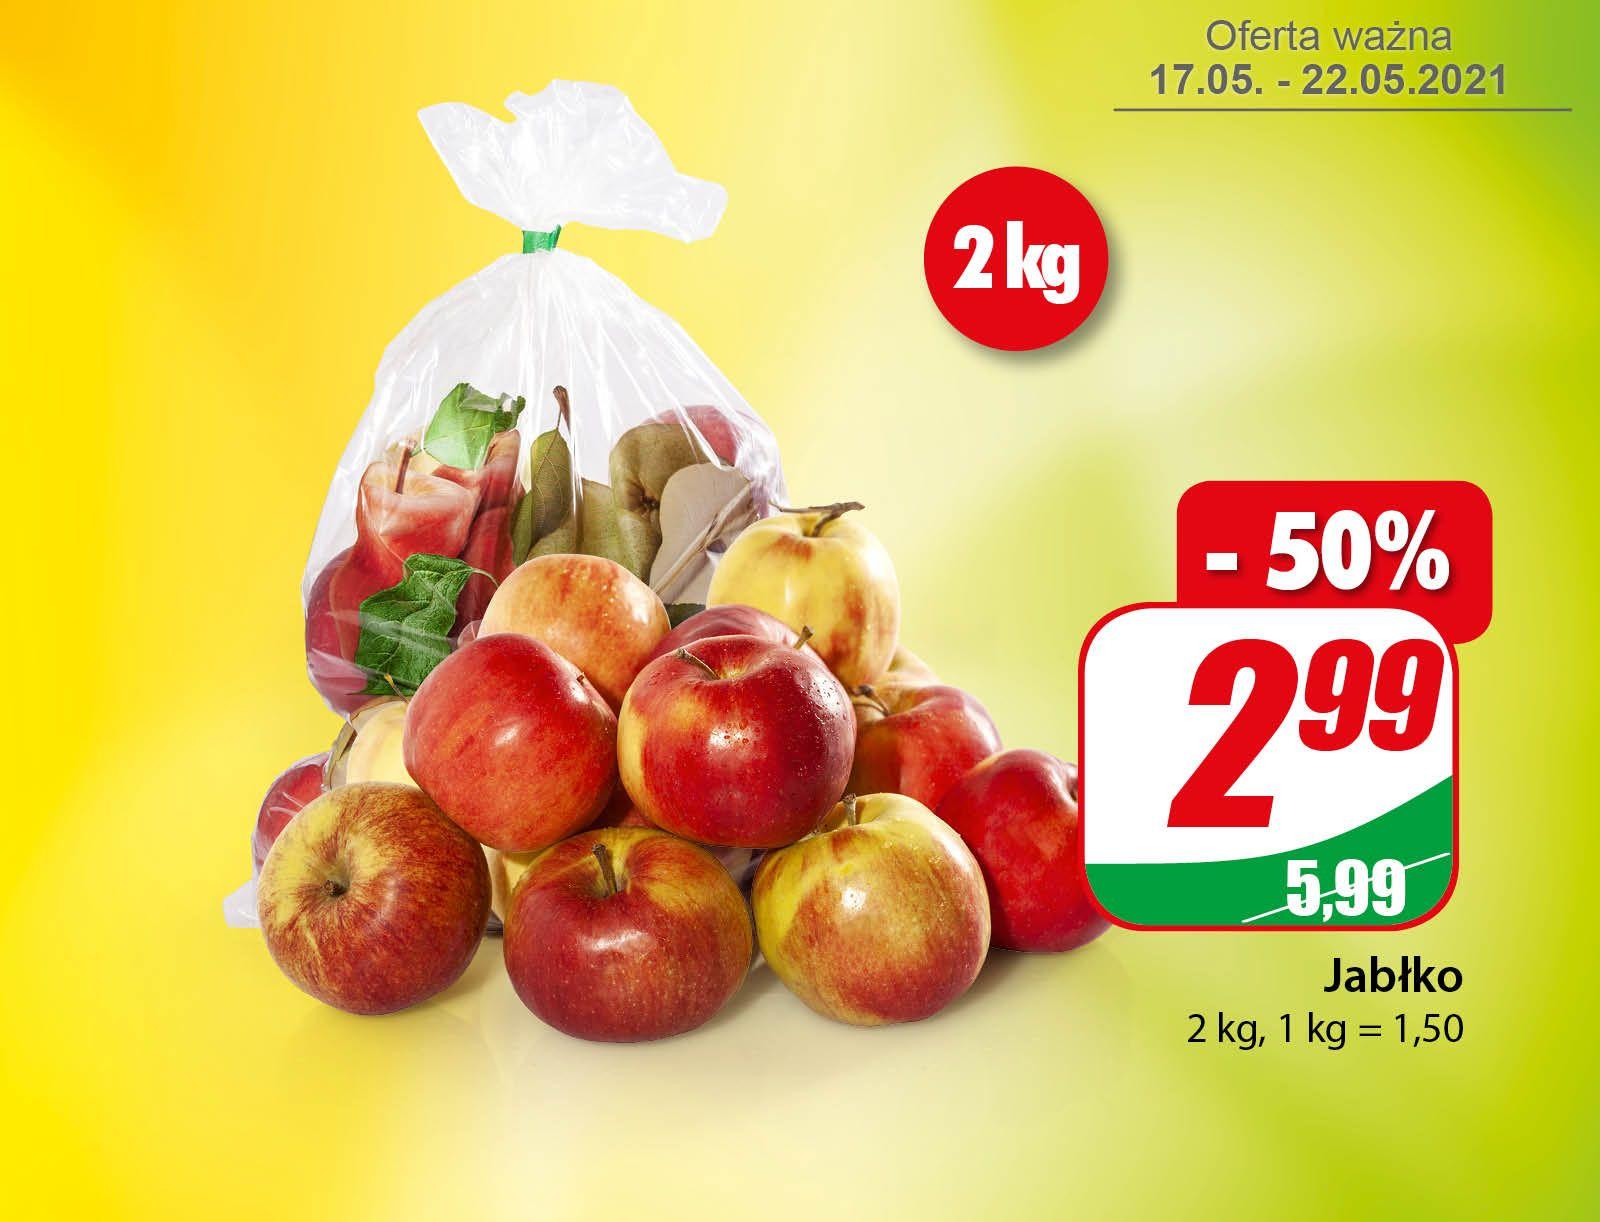 Jabłko 2kg (1,50zł/1kg) - DINO